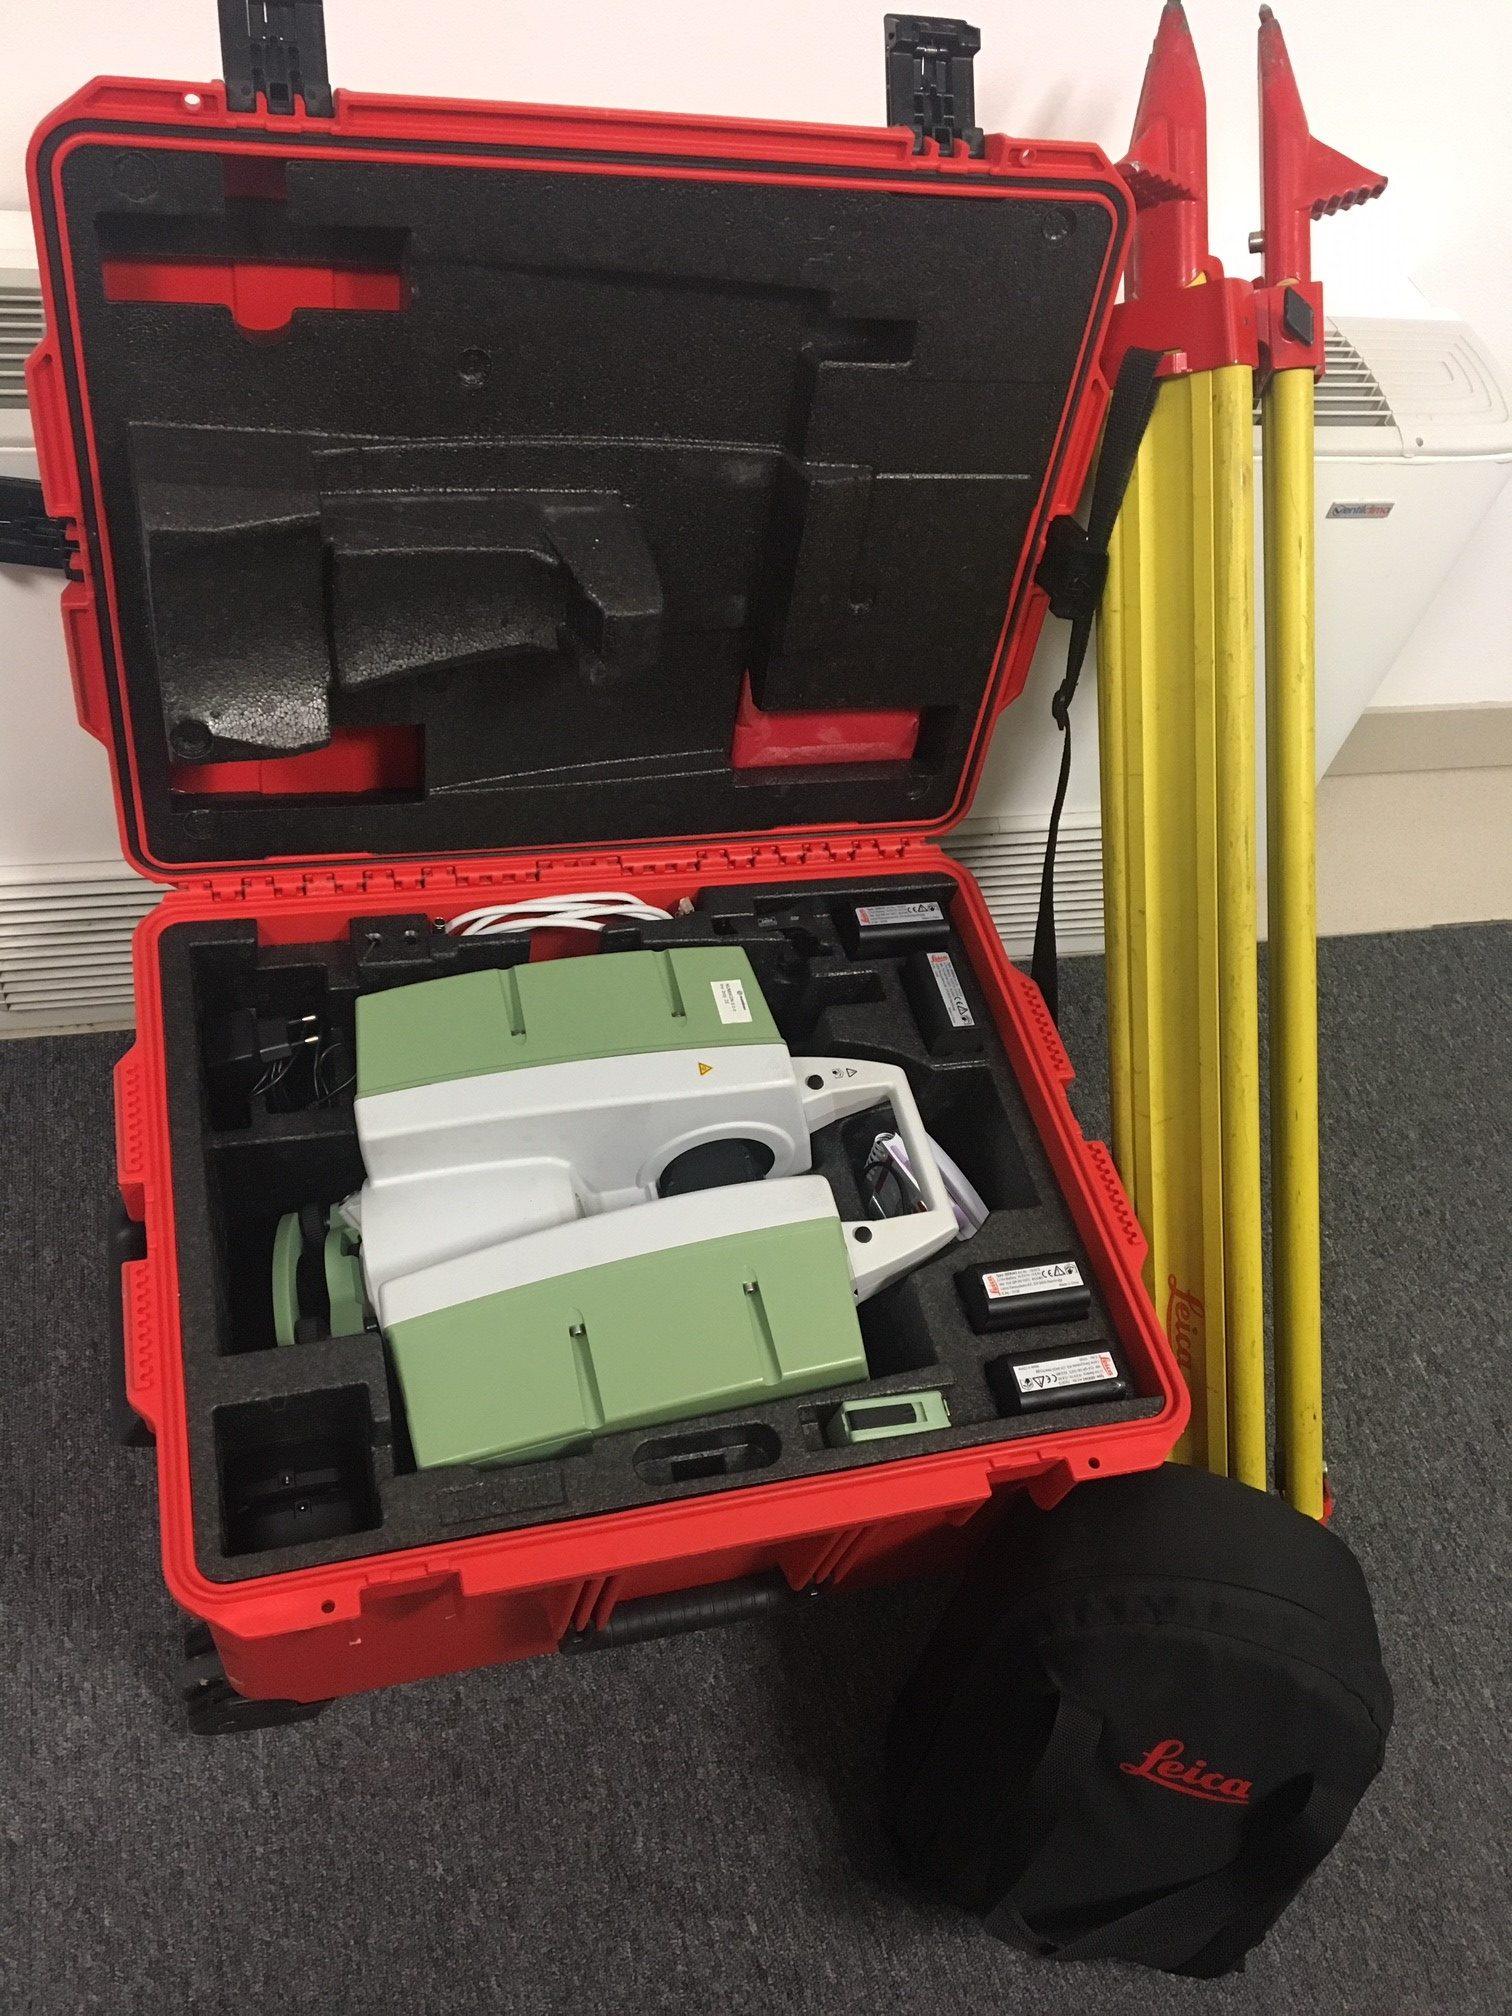 Numikon novosti: Leica ScanStation P20, prodaja opreme u vlasništvu